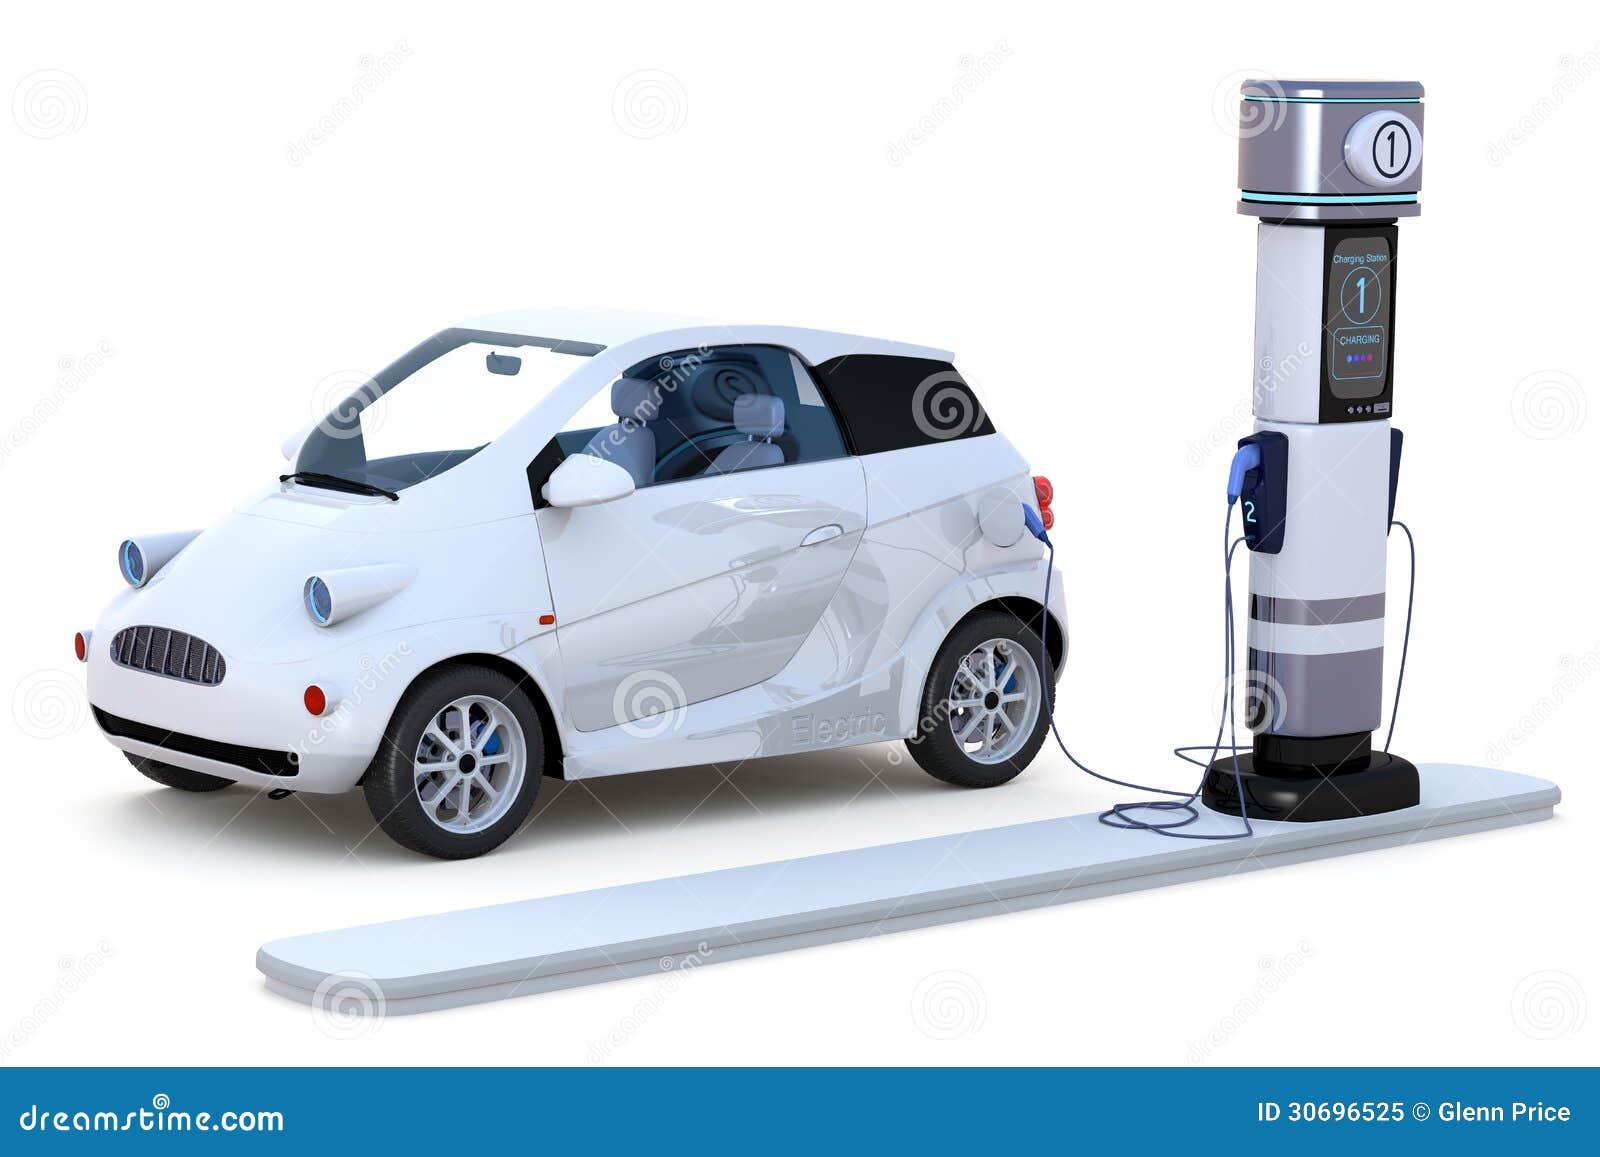 het elektrische auto laden stock illustratie afbeelding bestaande uit klein 30696525. Black Bedroom Furniture Sets. Home Design Ideas